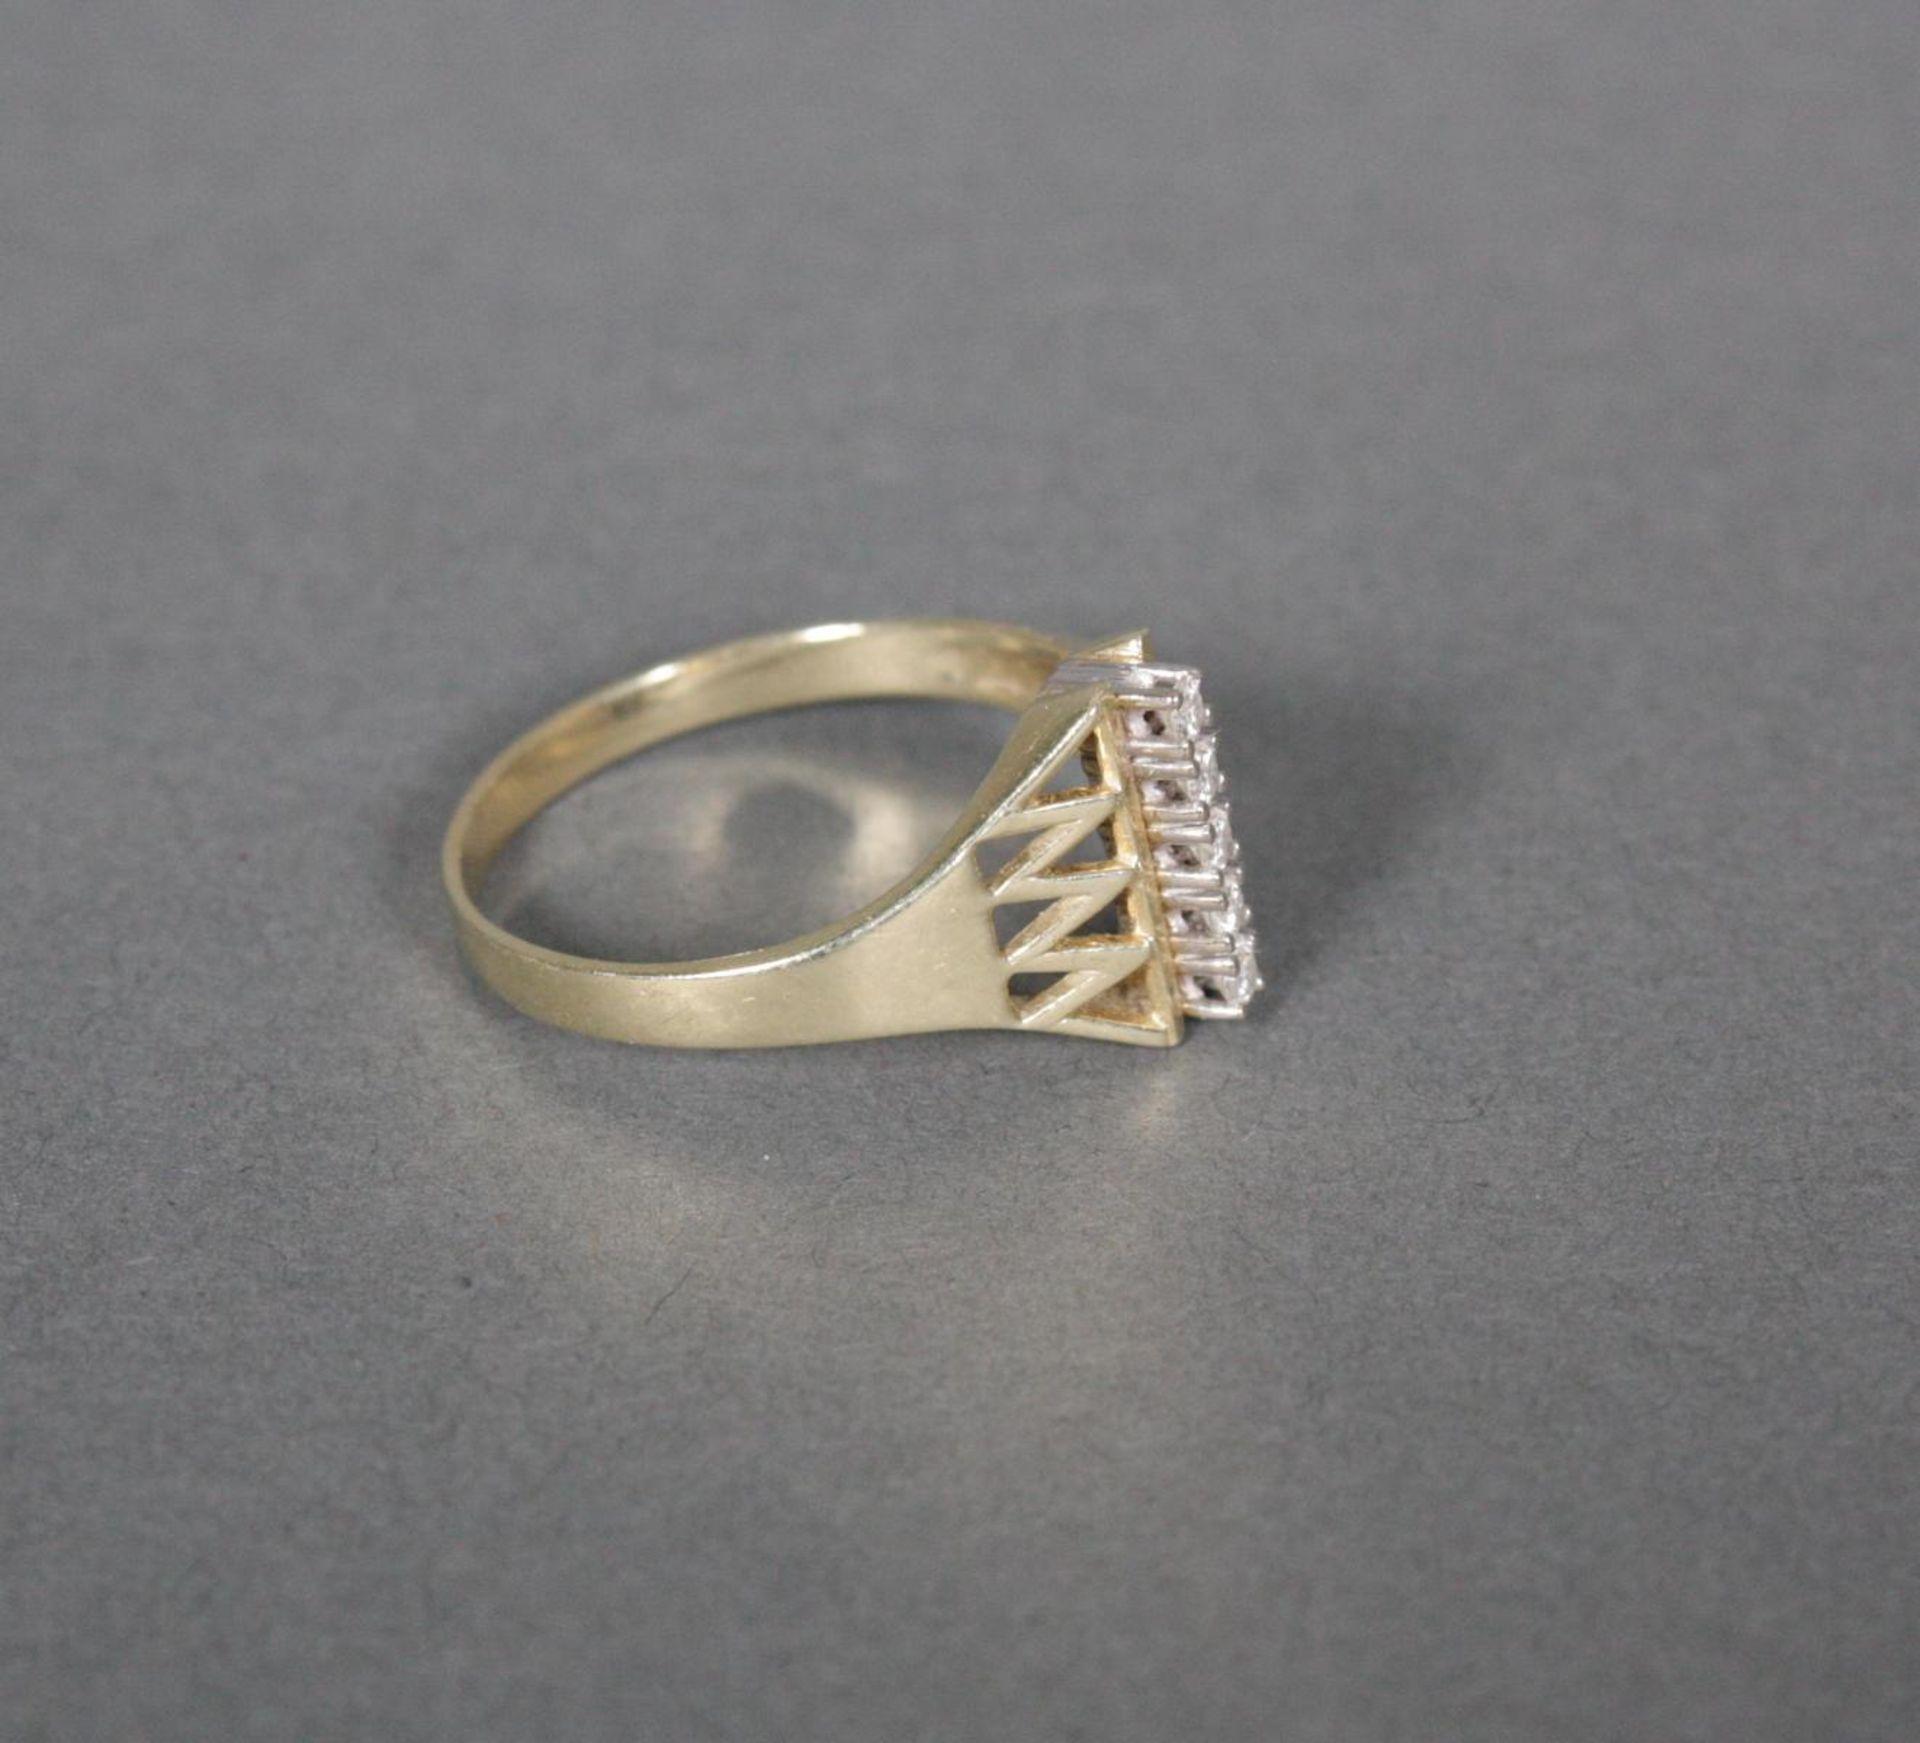 Damenring mit Diamanten, 14 Karat Gelbgold - Bild 2 aus 3